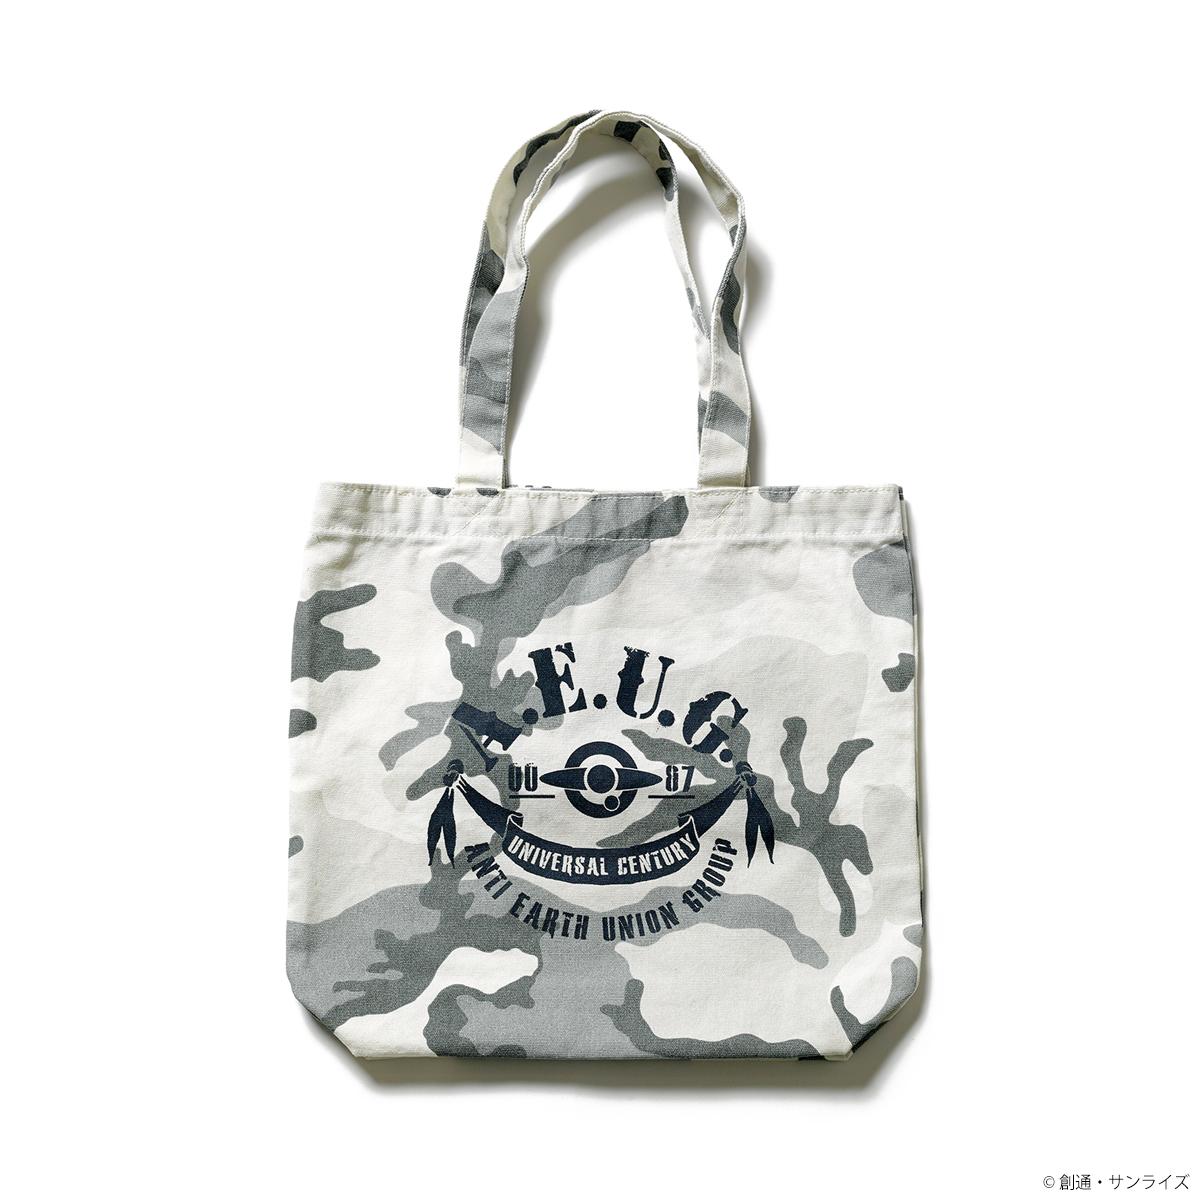 『機動戦士Zガンダム』 カモフラトートバッグ エゥーゴ柄